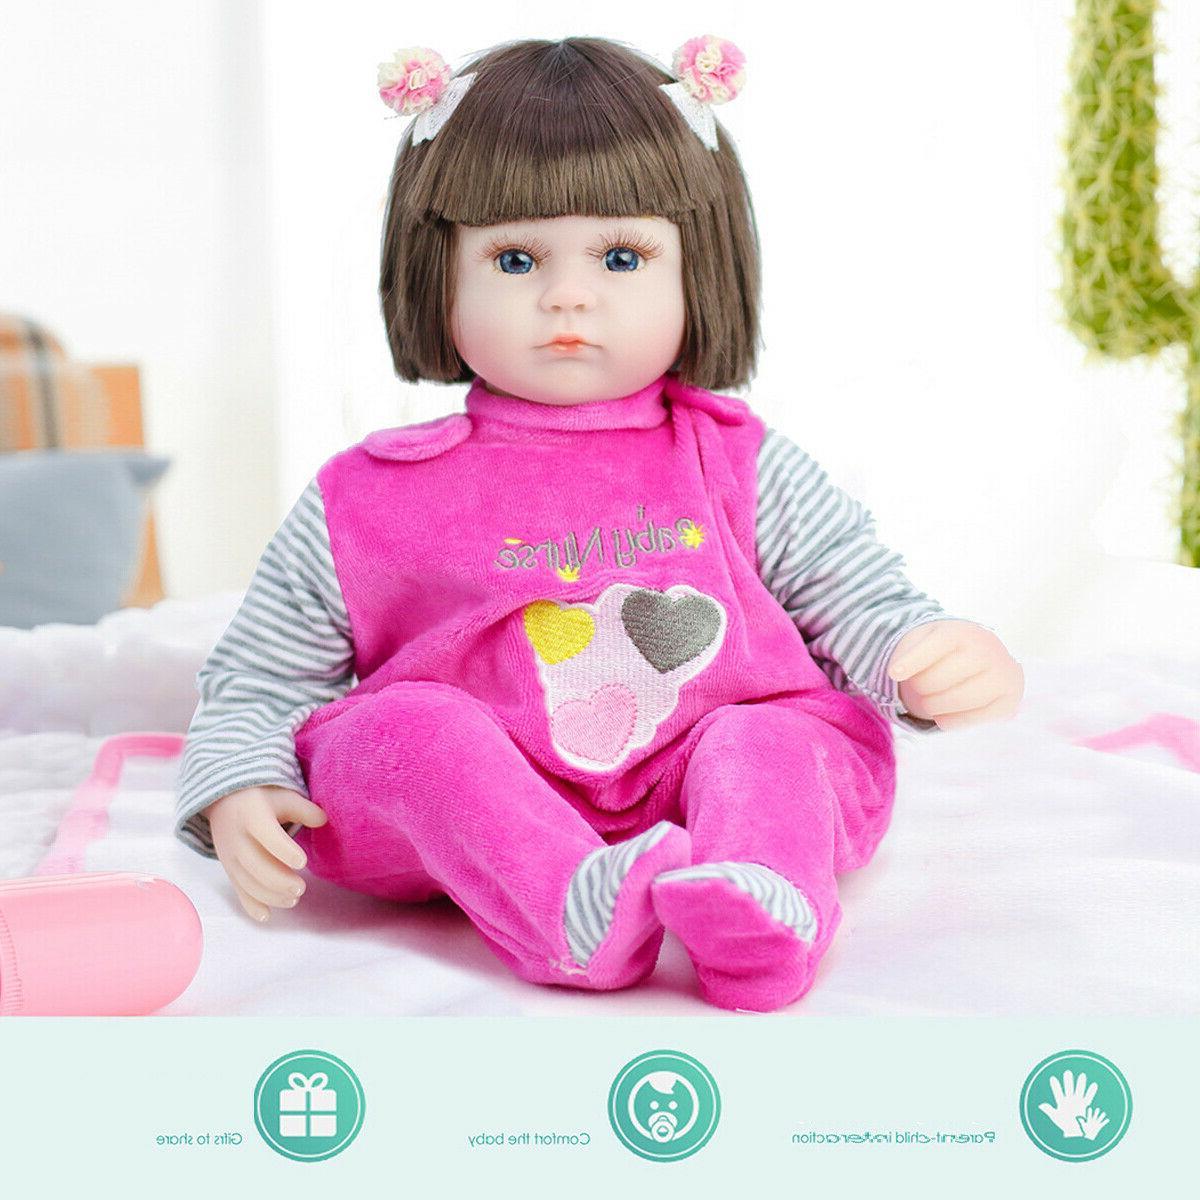 45cm Real Newborn Lifelike Body Vinyl Silicone Dolls